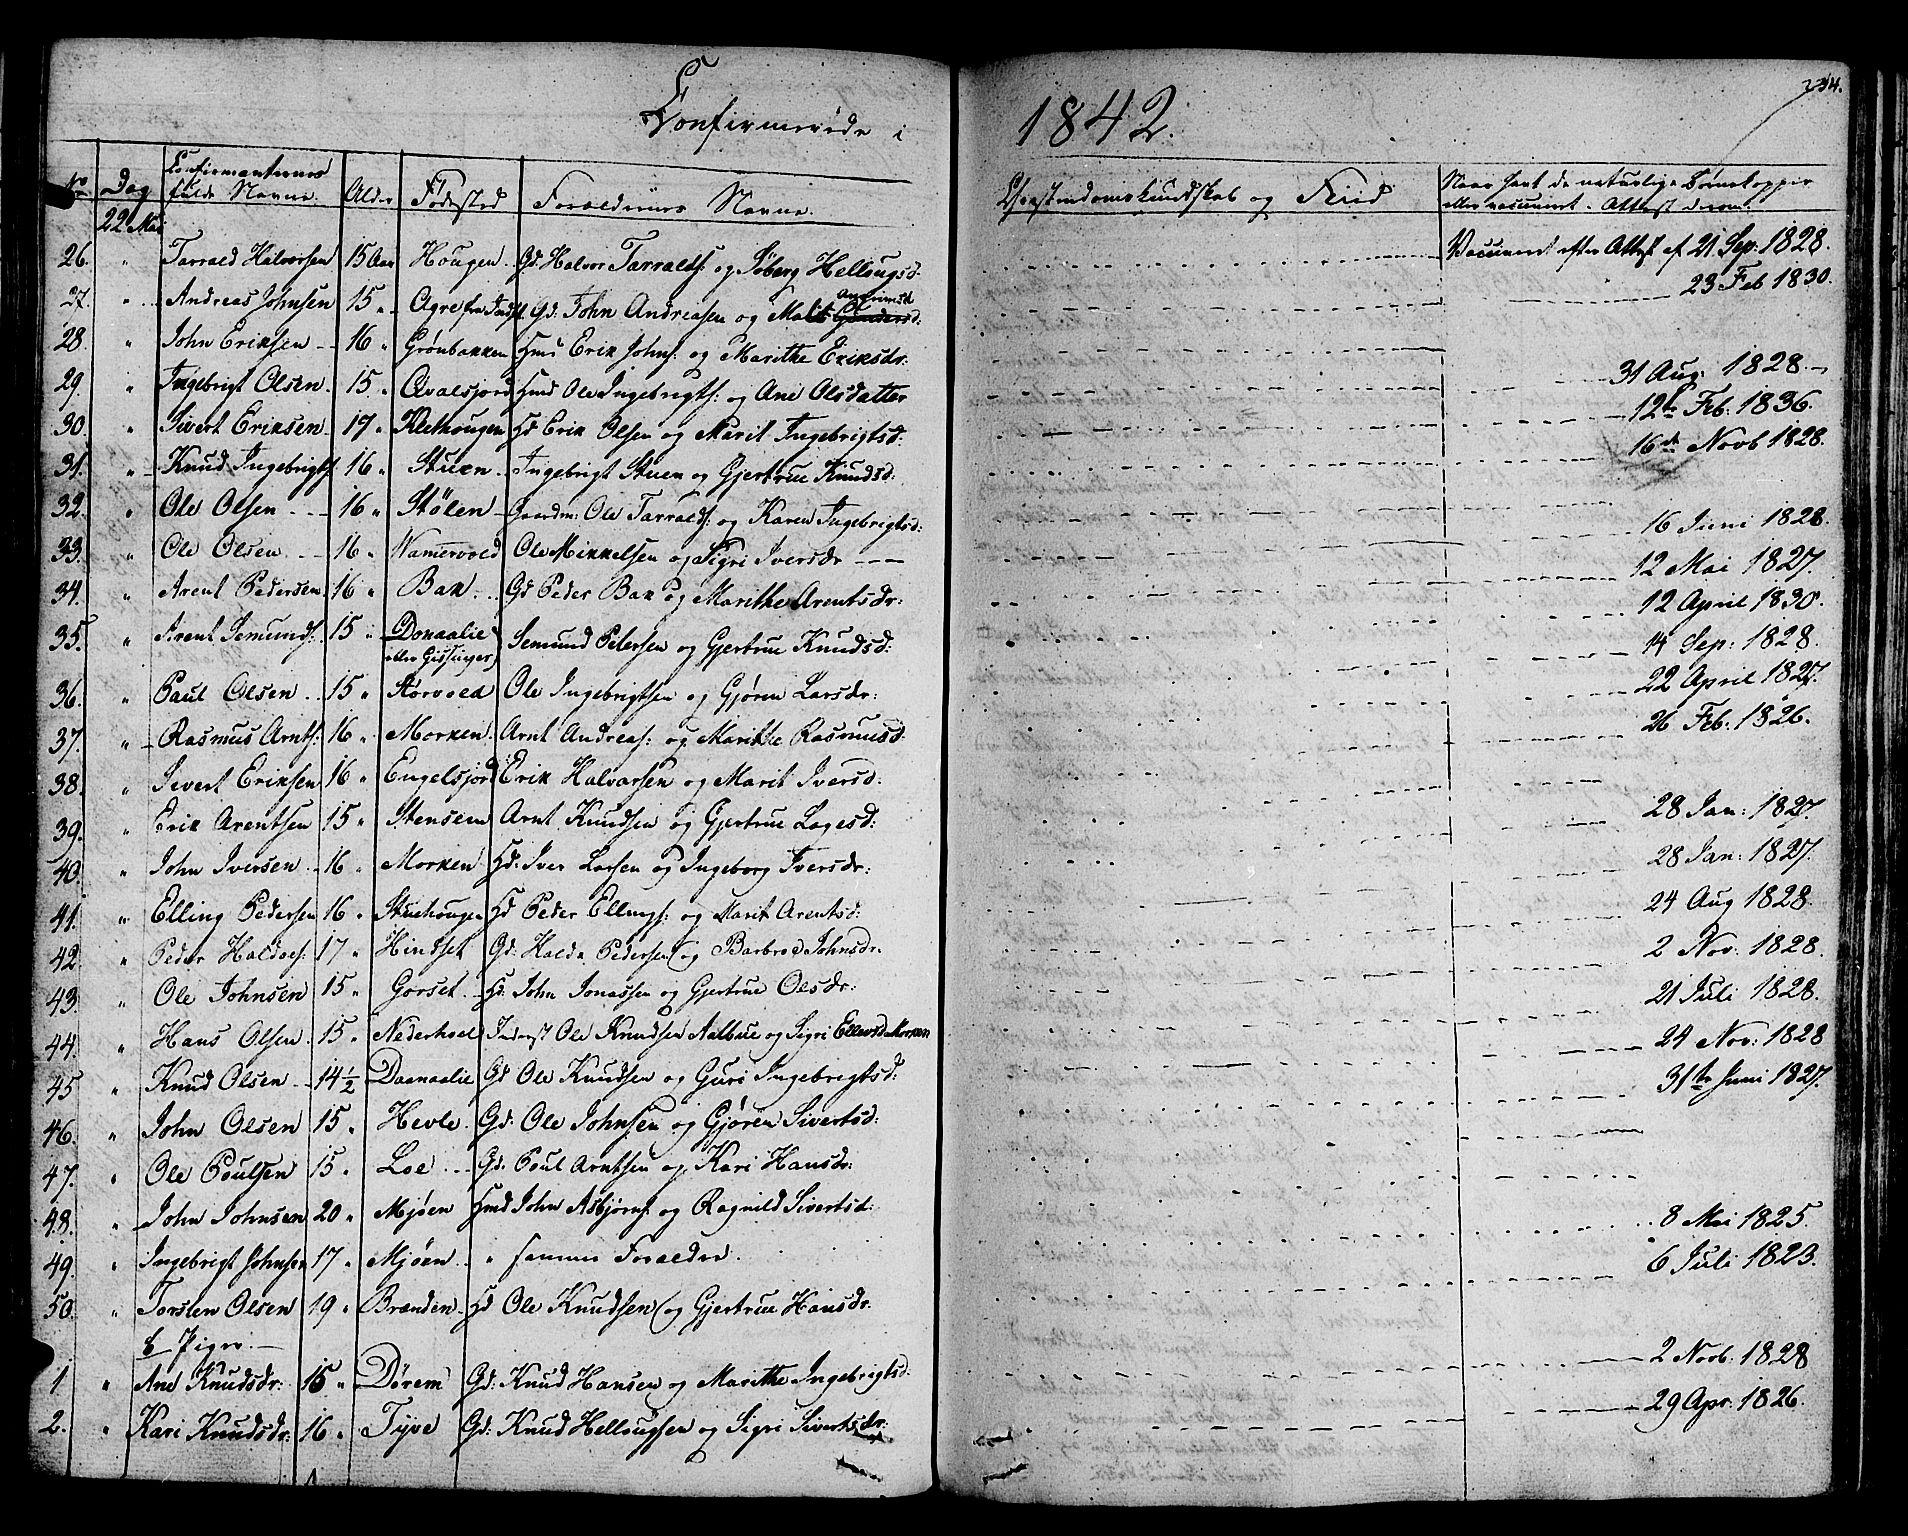 SAT, Ministerialprotokoller, klokkerbøker og fødselsregistre - Sør-Trøndelag, 678/L0897: Ministerialbok nr. 678A06-07, 1821-1847, s. 234